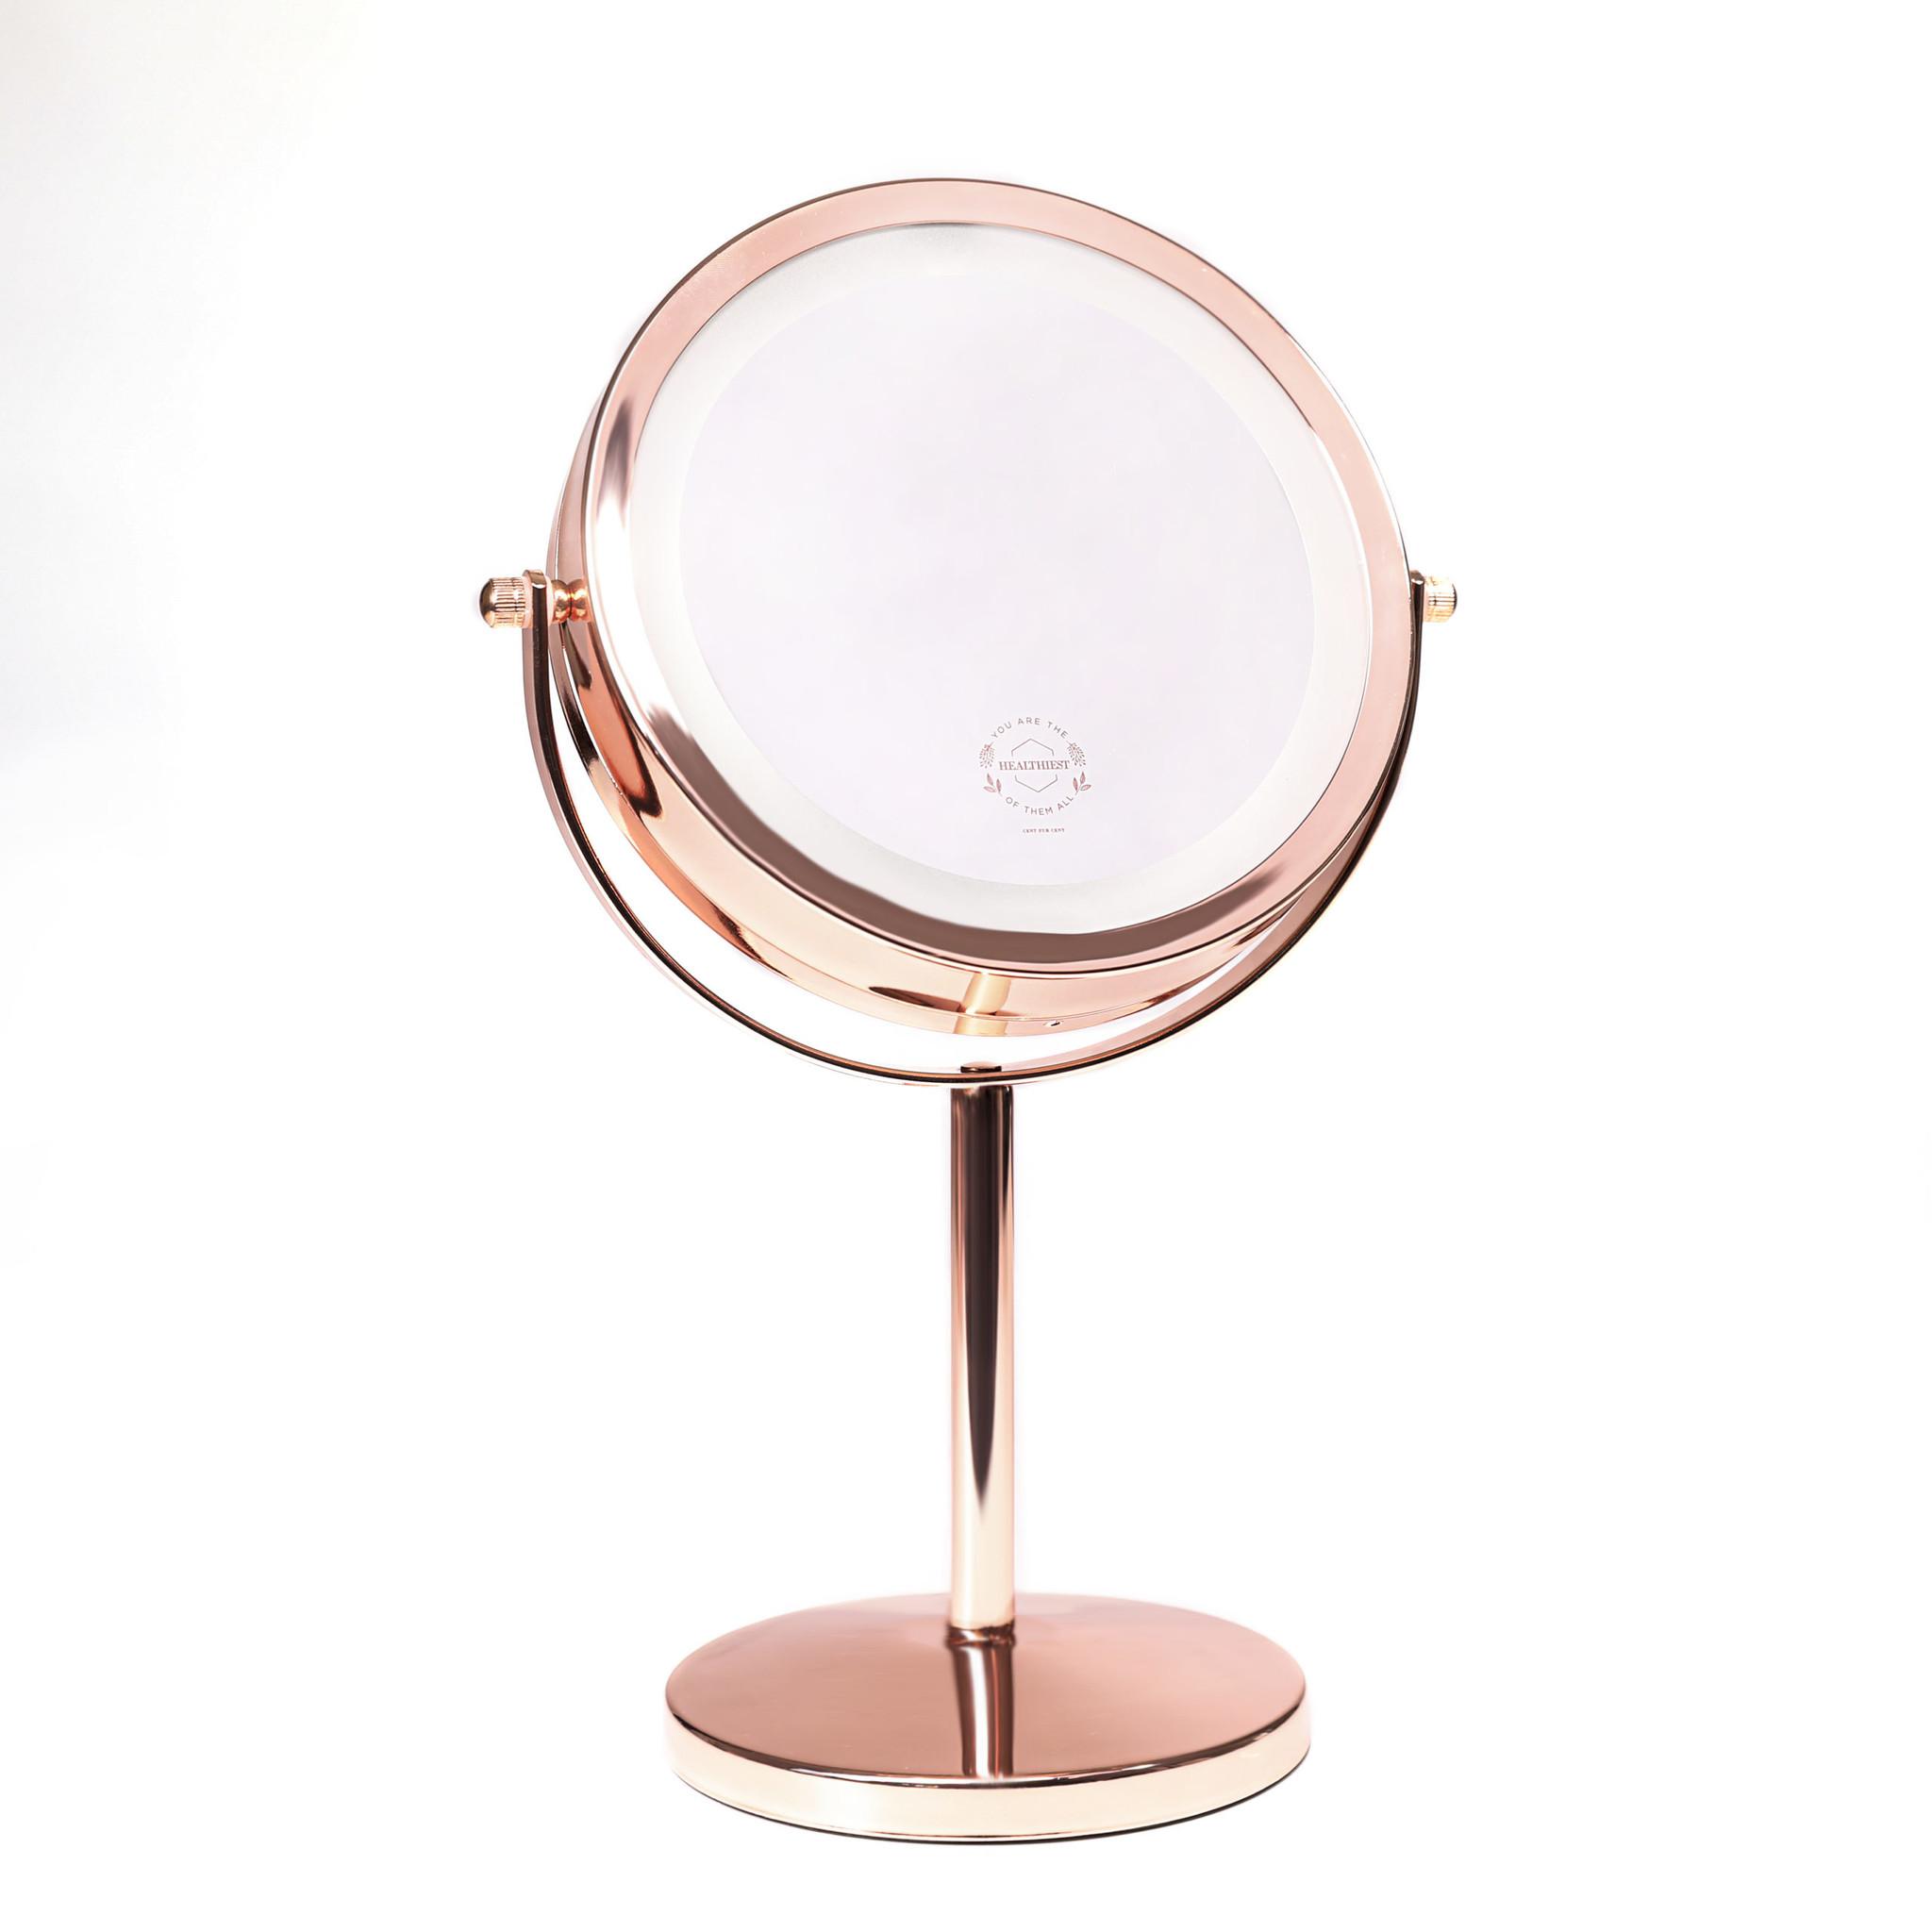 Grote make-up spiegel-1